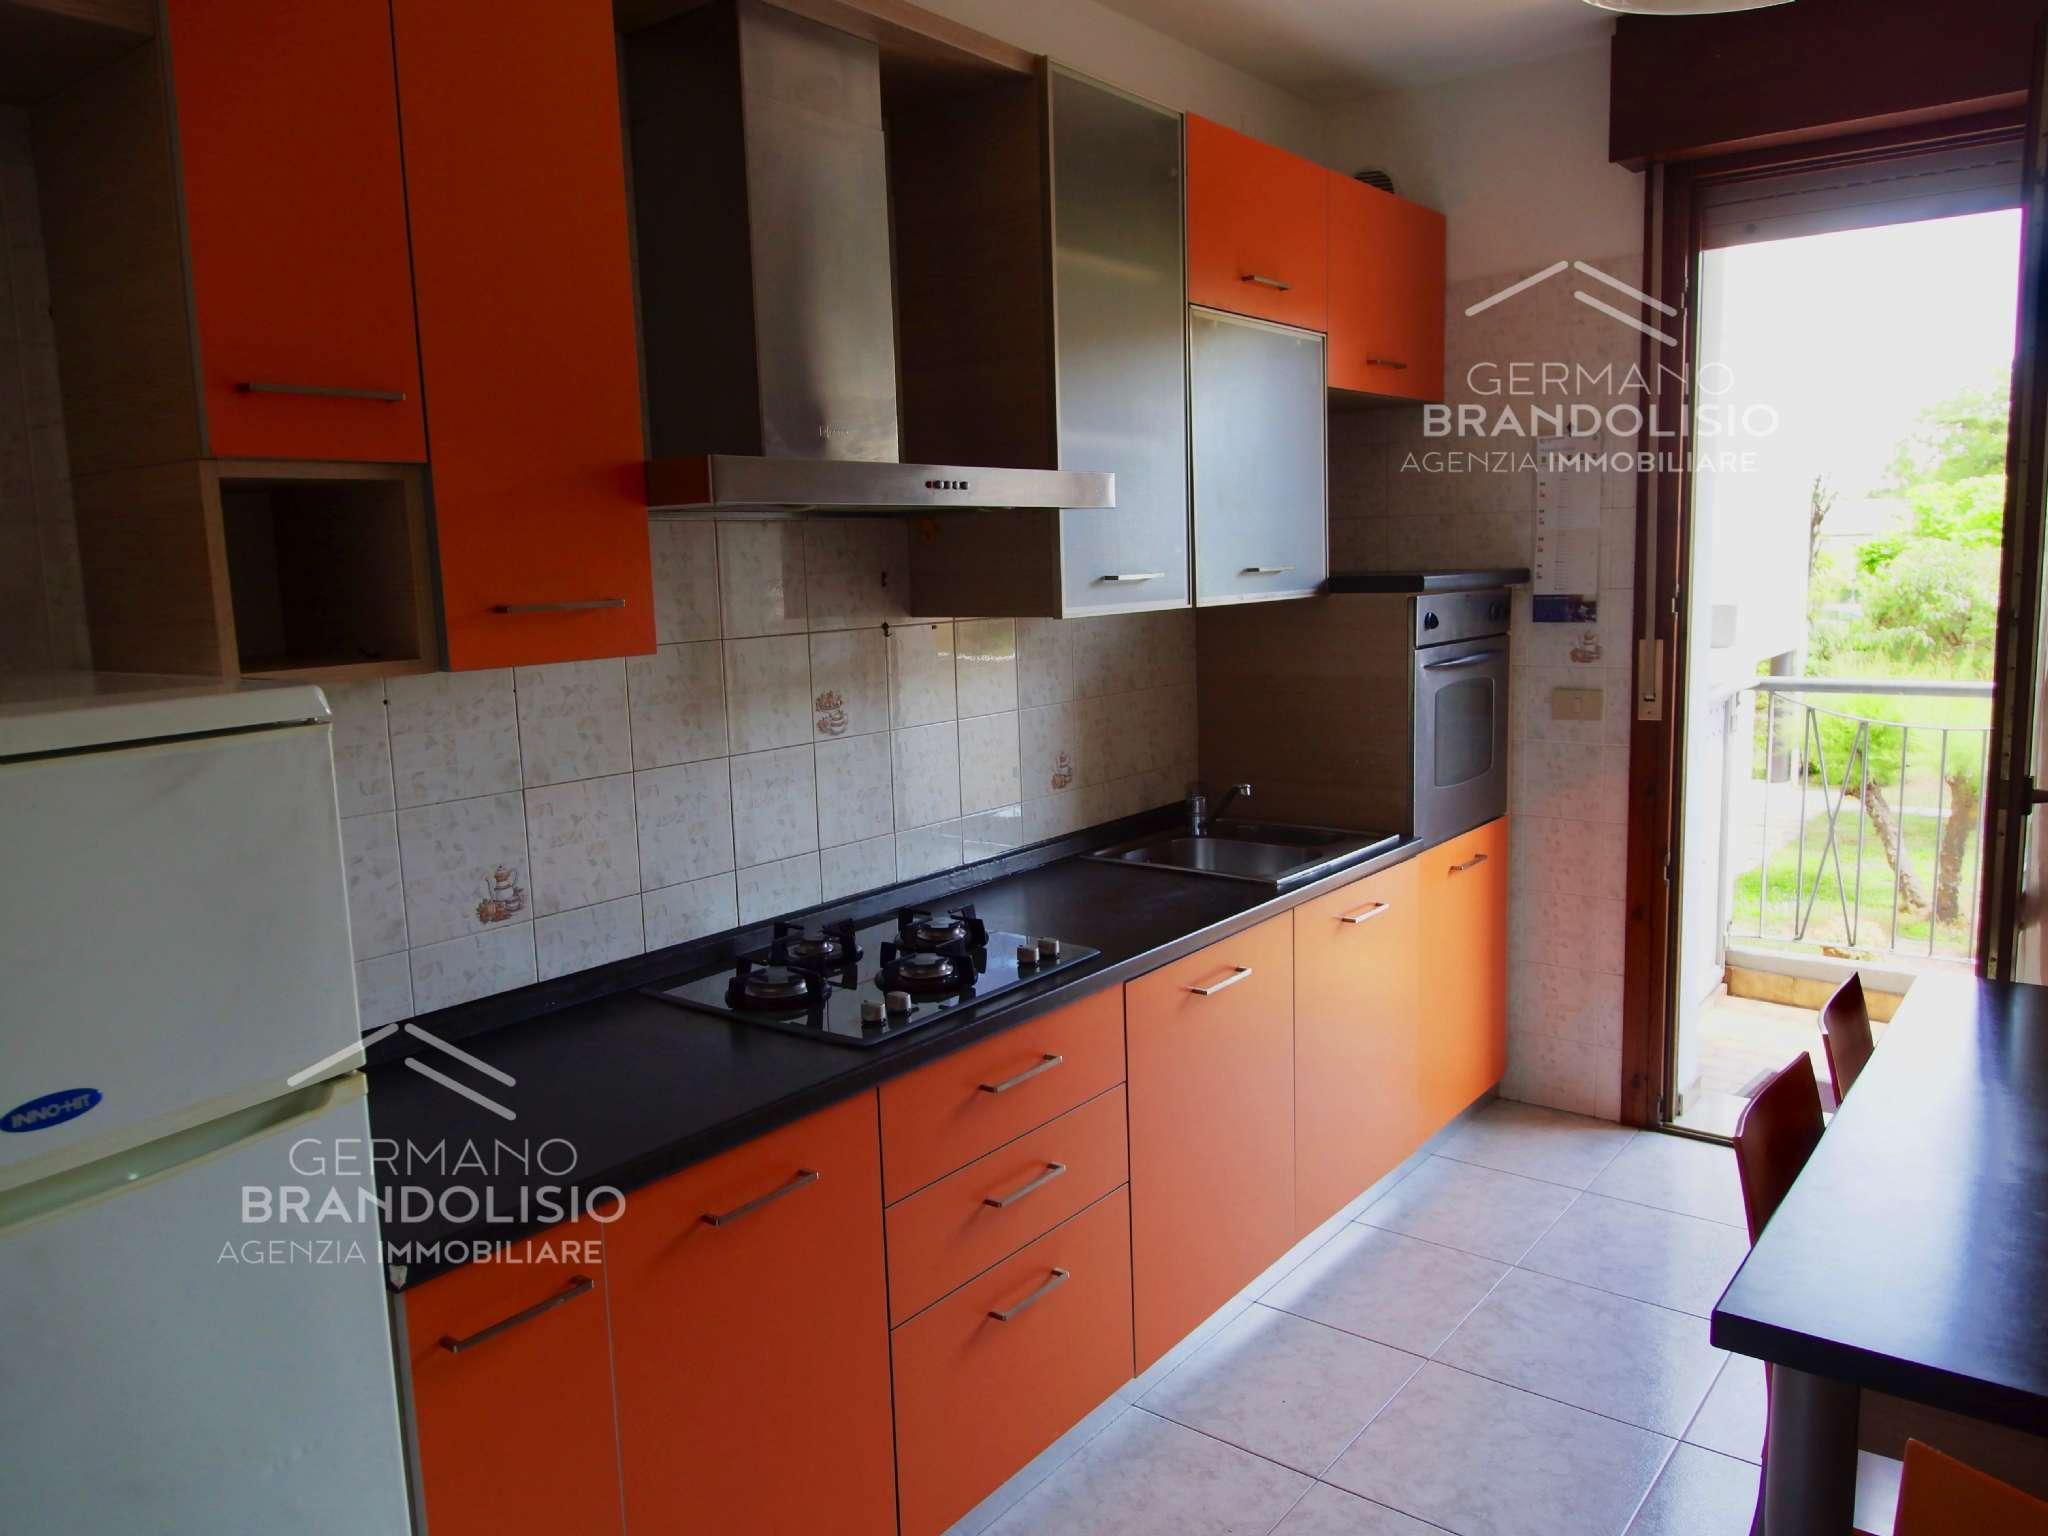 Appartamento in vendita a Treviso, 4 locali, prezzo € 150.000   PortaleAgenzieImmobiliari.it